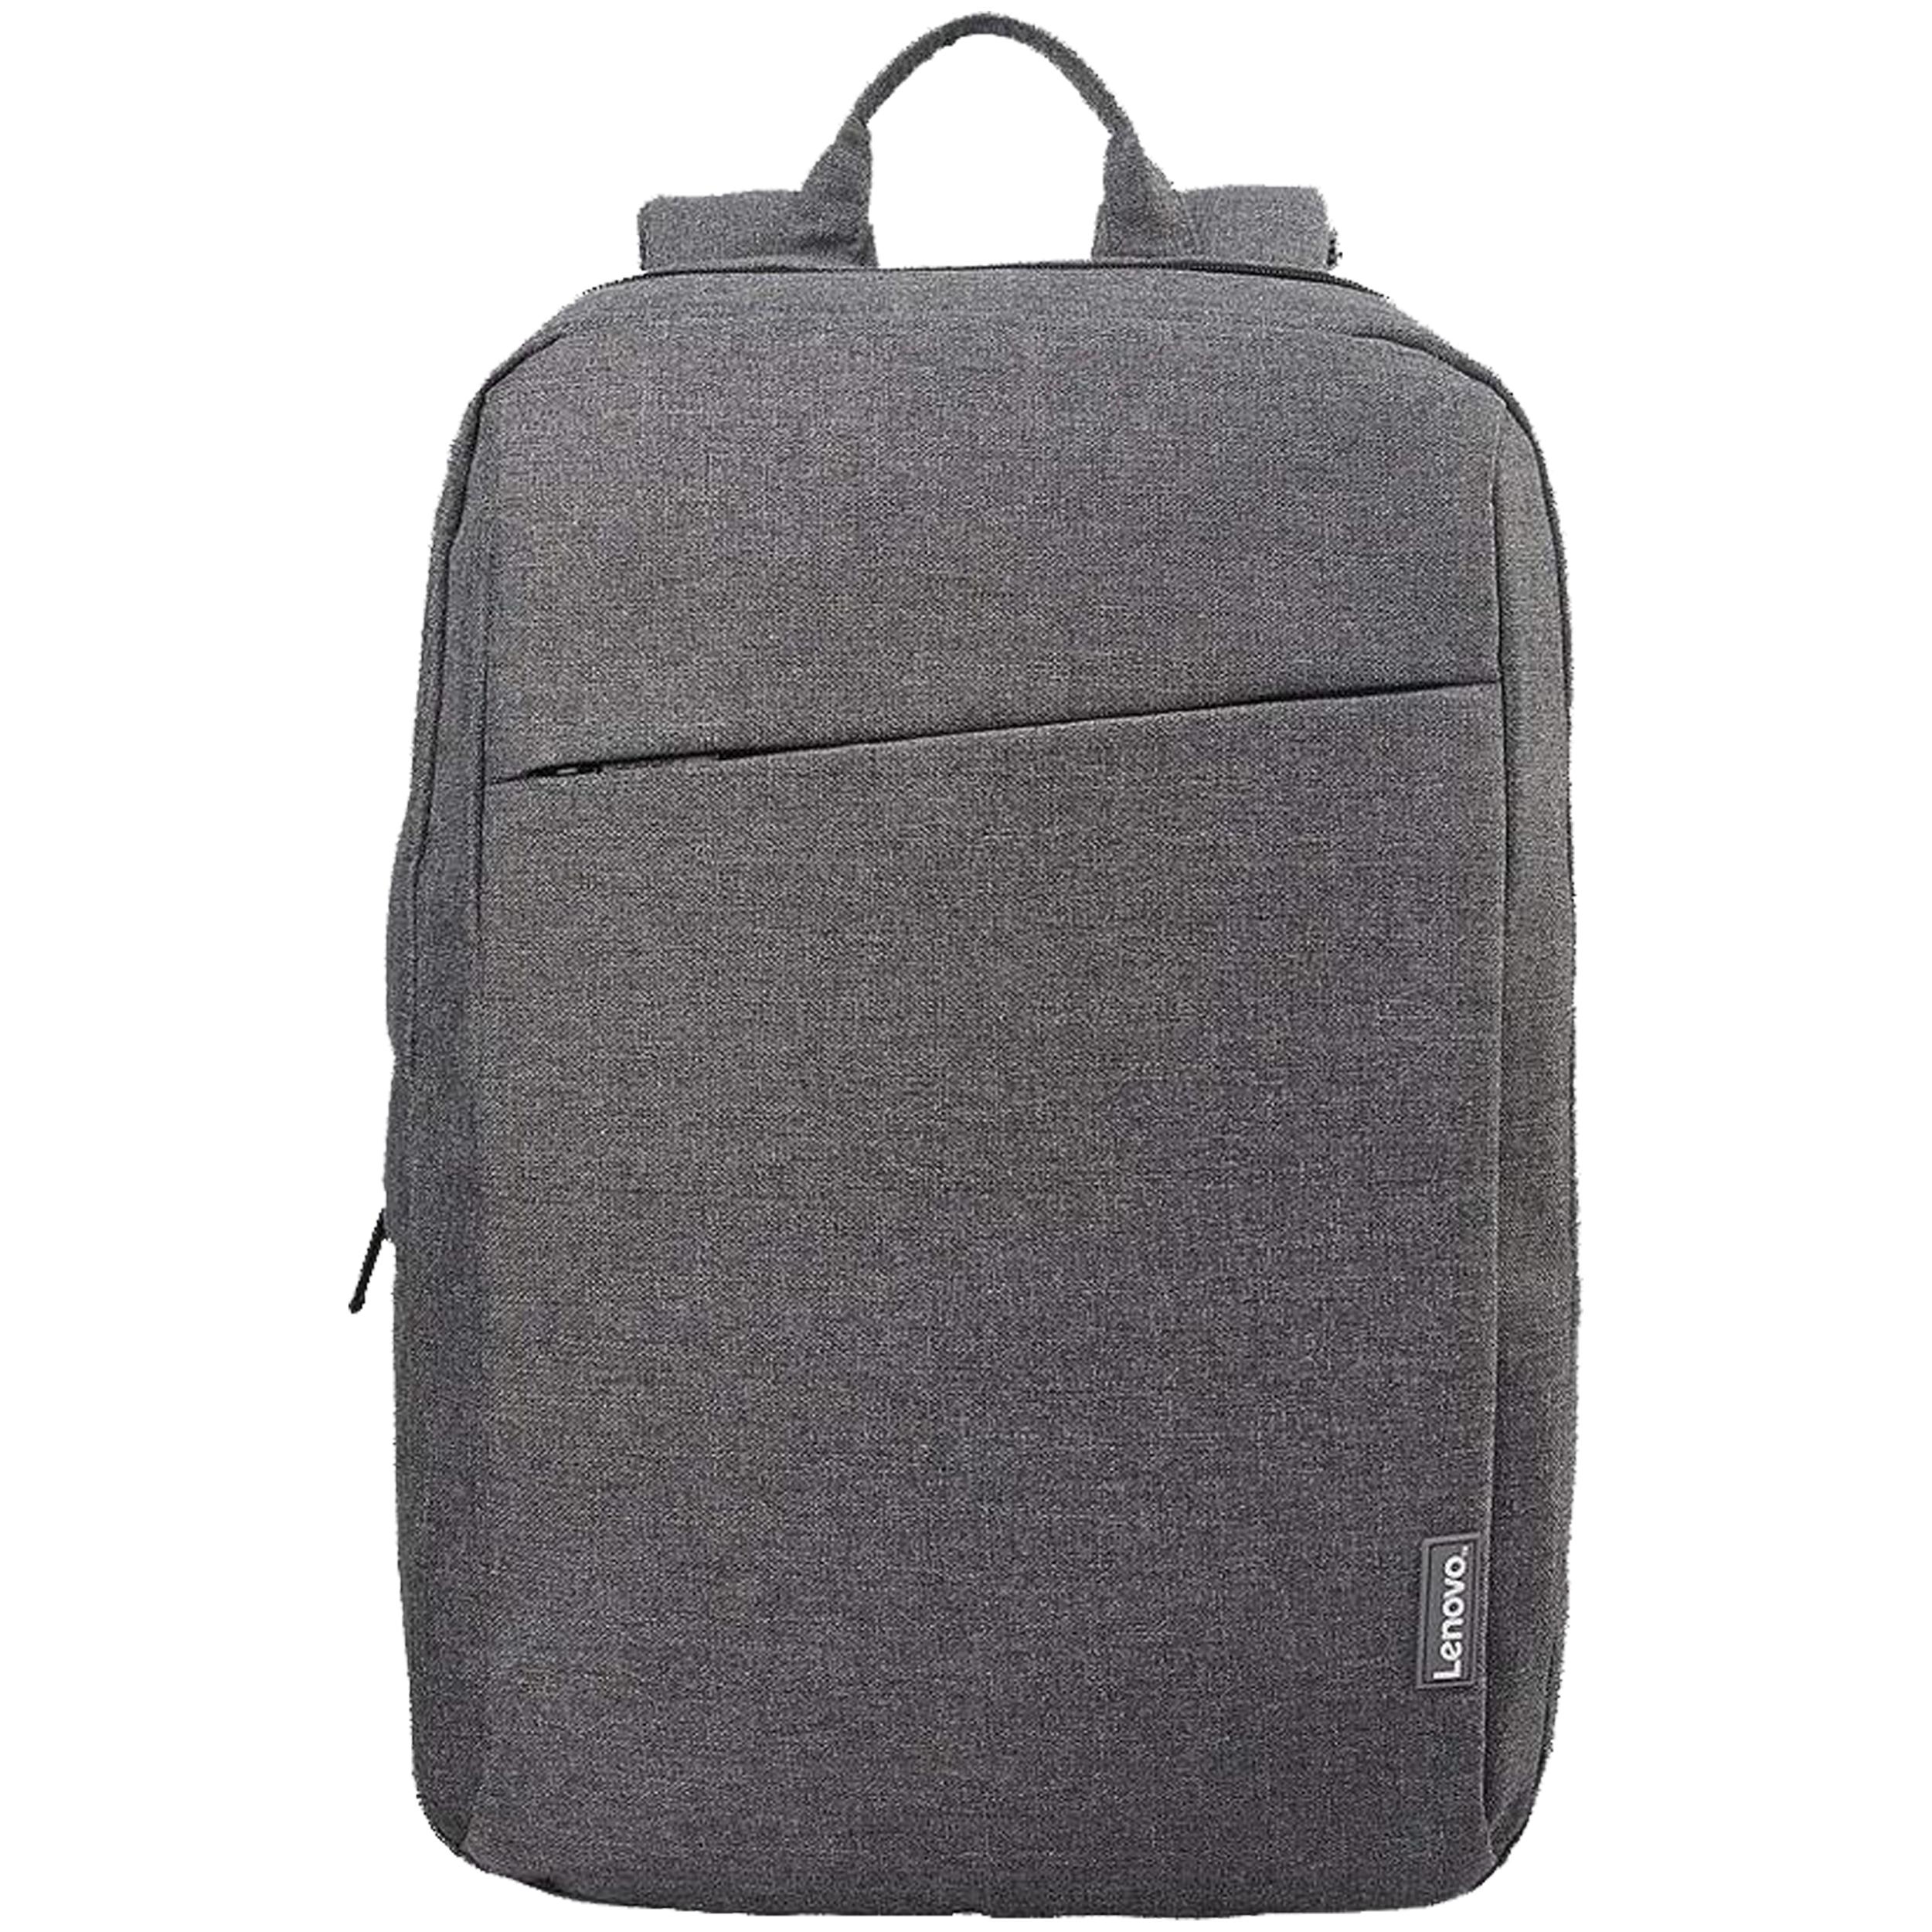 کوله پشتی لپ تاپ لنوو مدل B210 مناسب برای لپ تاپ 15.6 اینچی